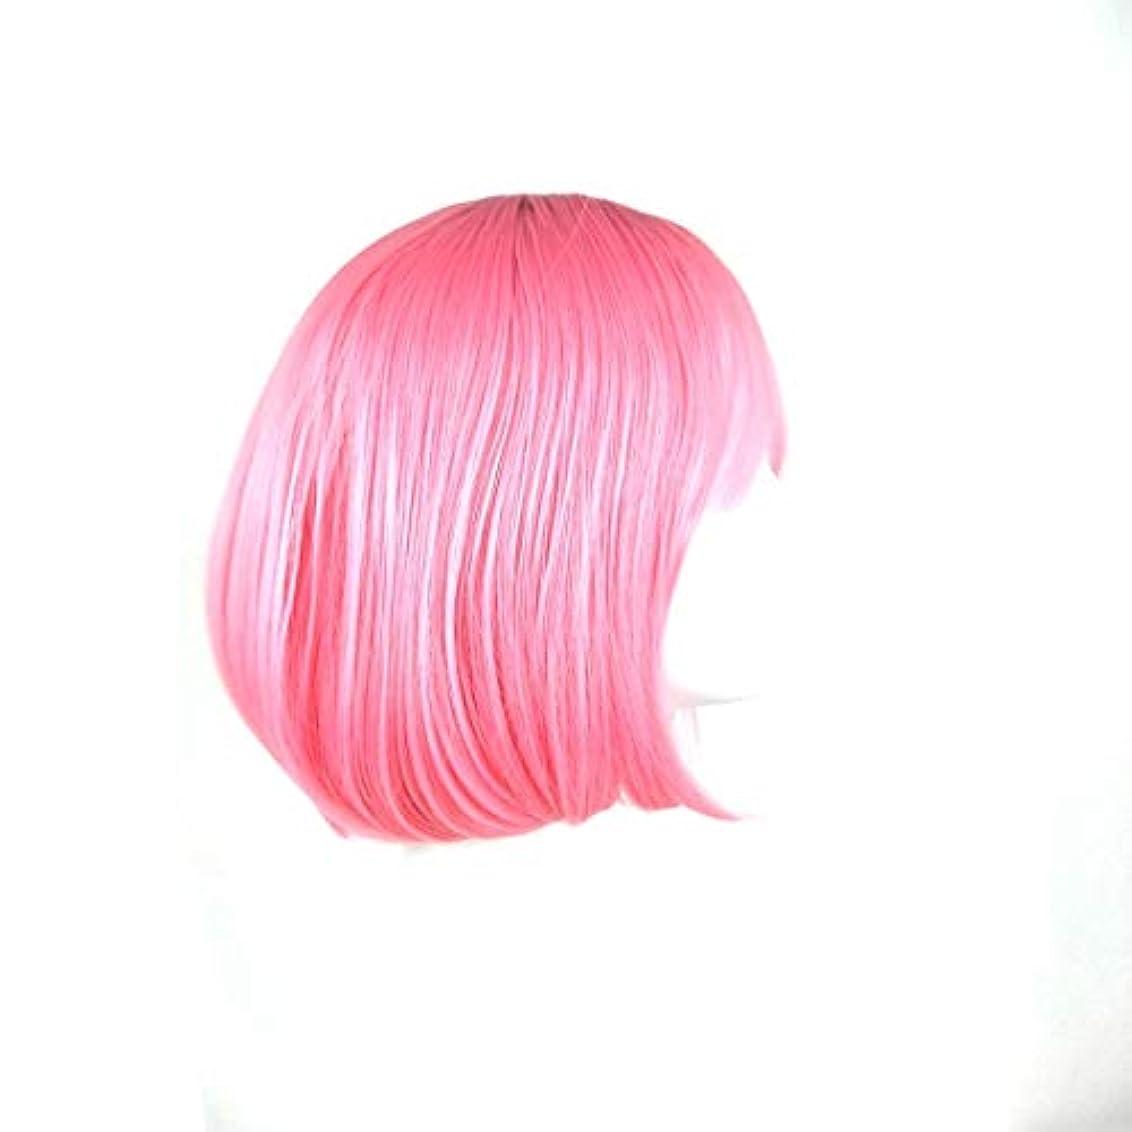 橋額ピラミッドKerwinner ピンクのかつらショートストレートヘアーボブウィッグ人工毛ナチュラルな耐熱性女性用